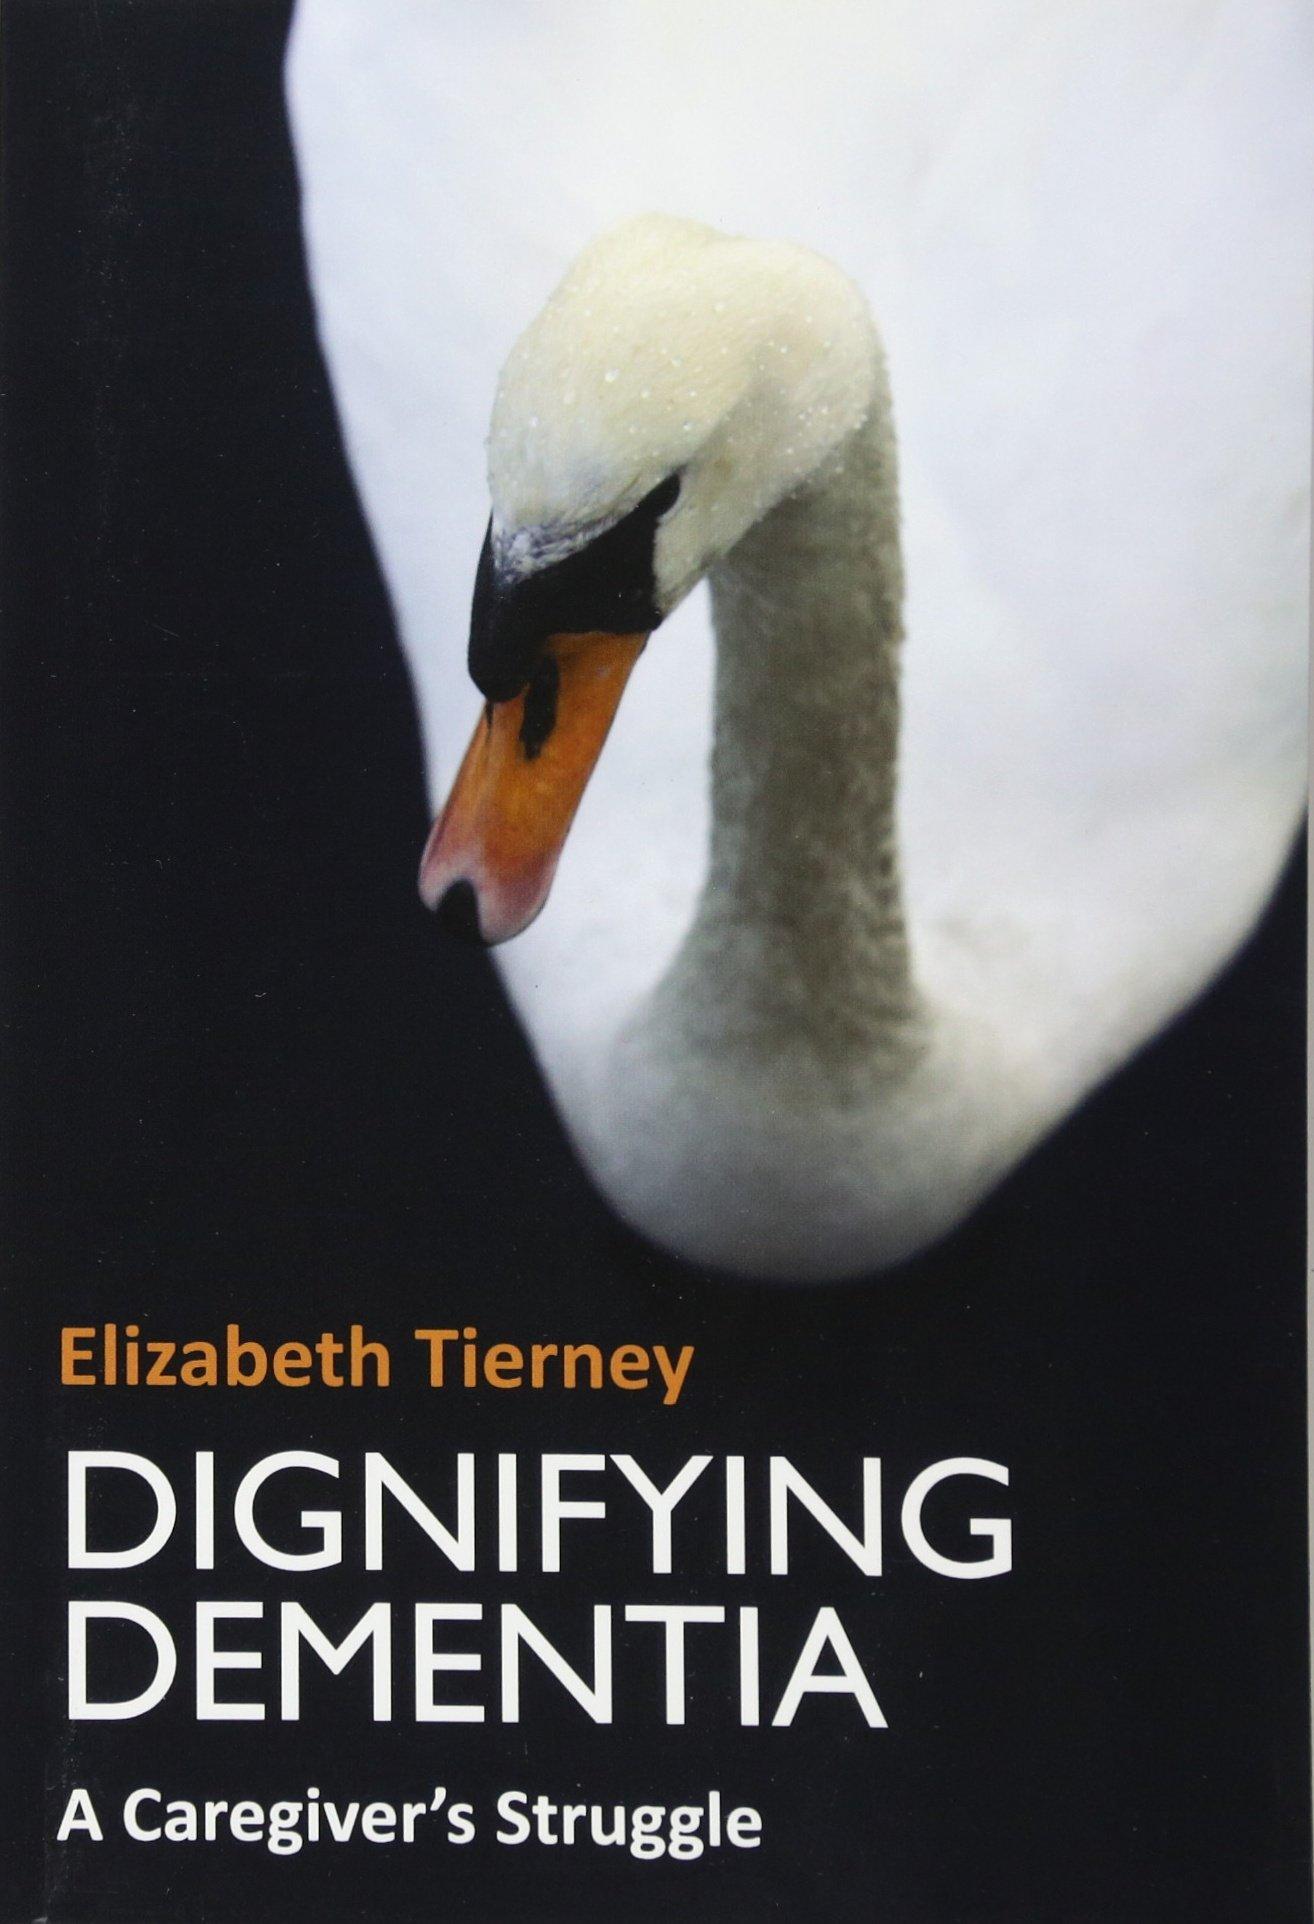 Dignifying Dementia: A Caregiver's Struggle PDF